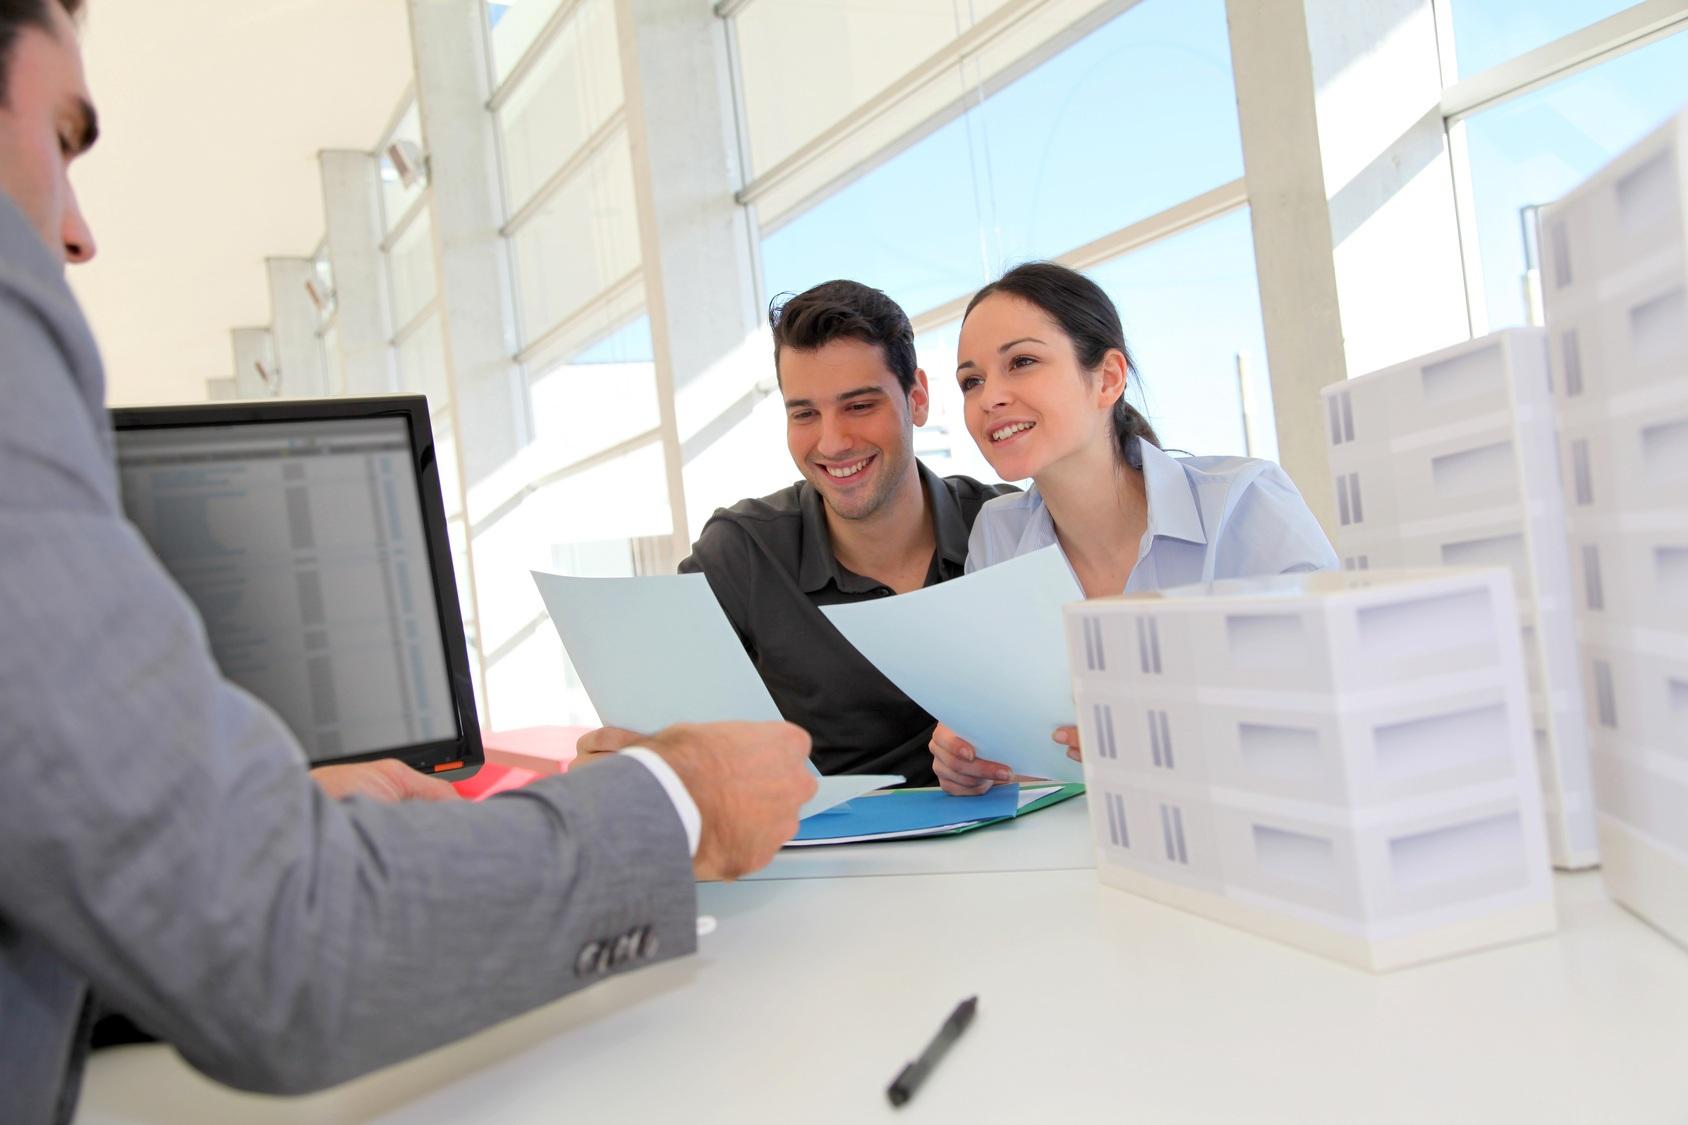 assurance pret immobilier : comment prendre une délégation d'assurance